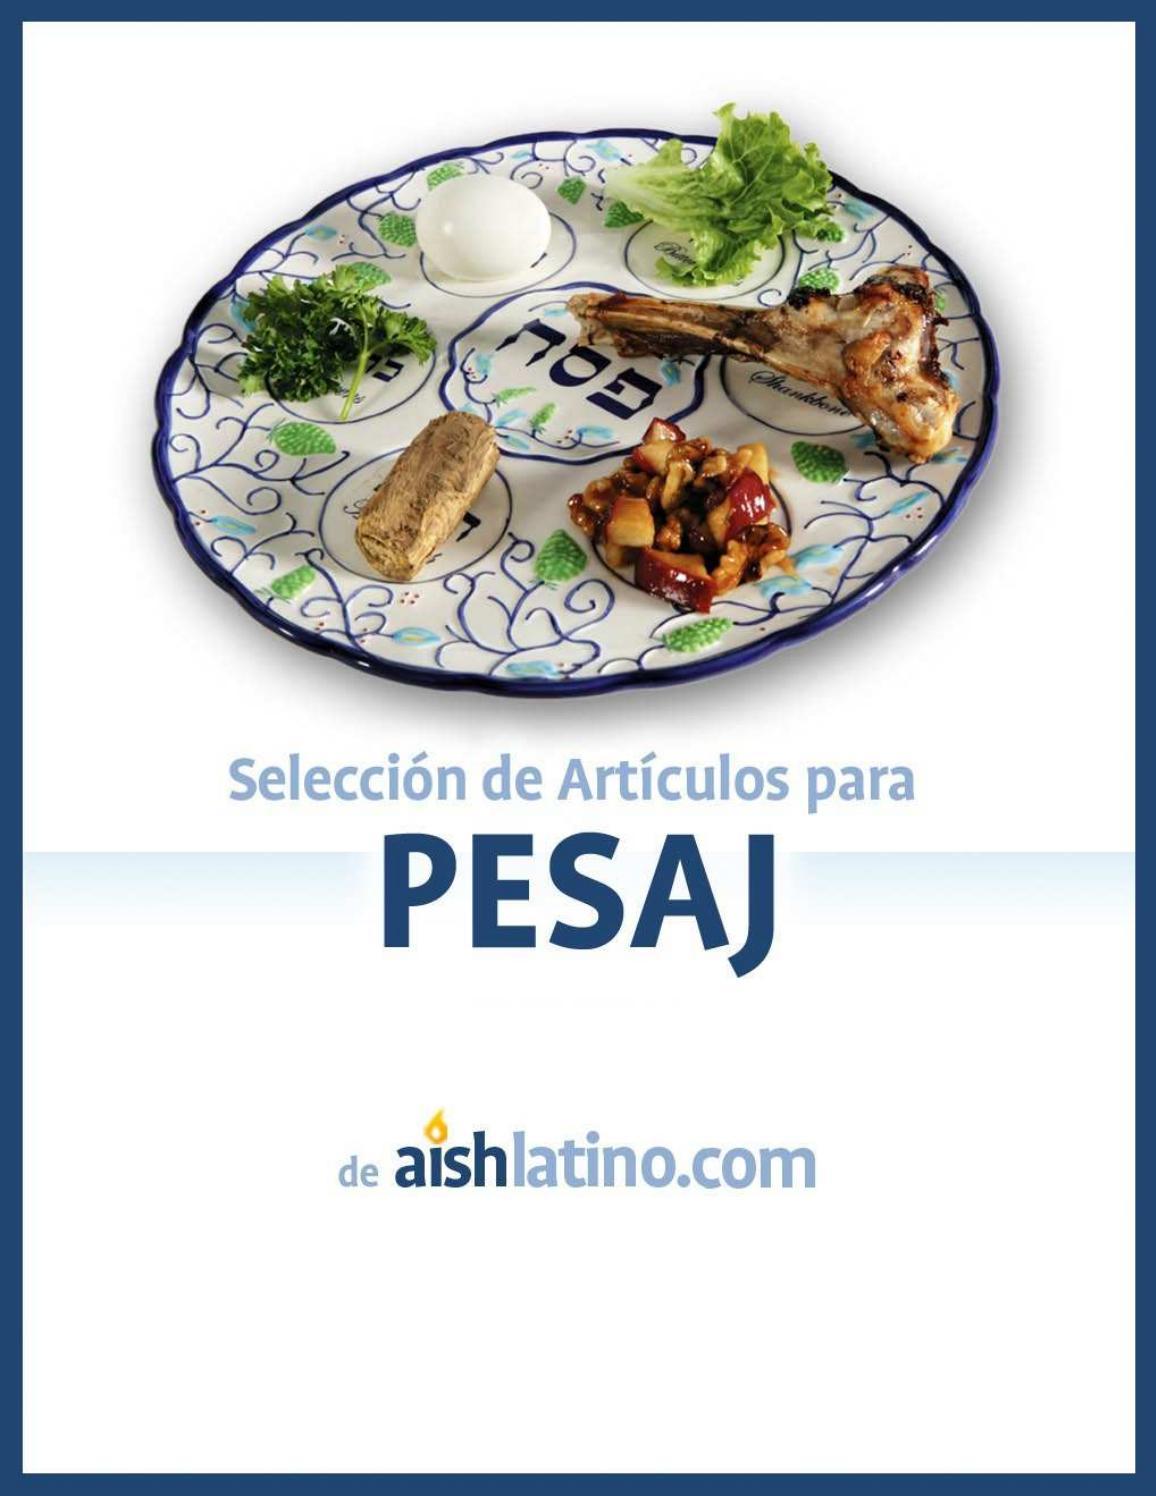 Seleccion De Articulos Para Pesaj De Aishlatino Com By Jorge